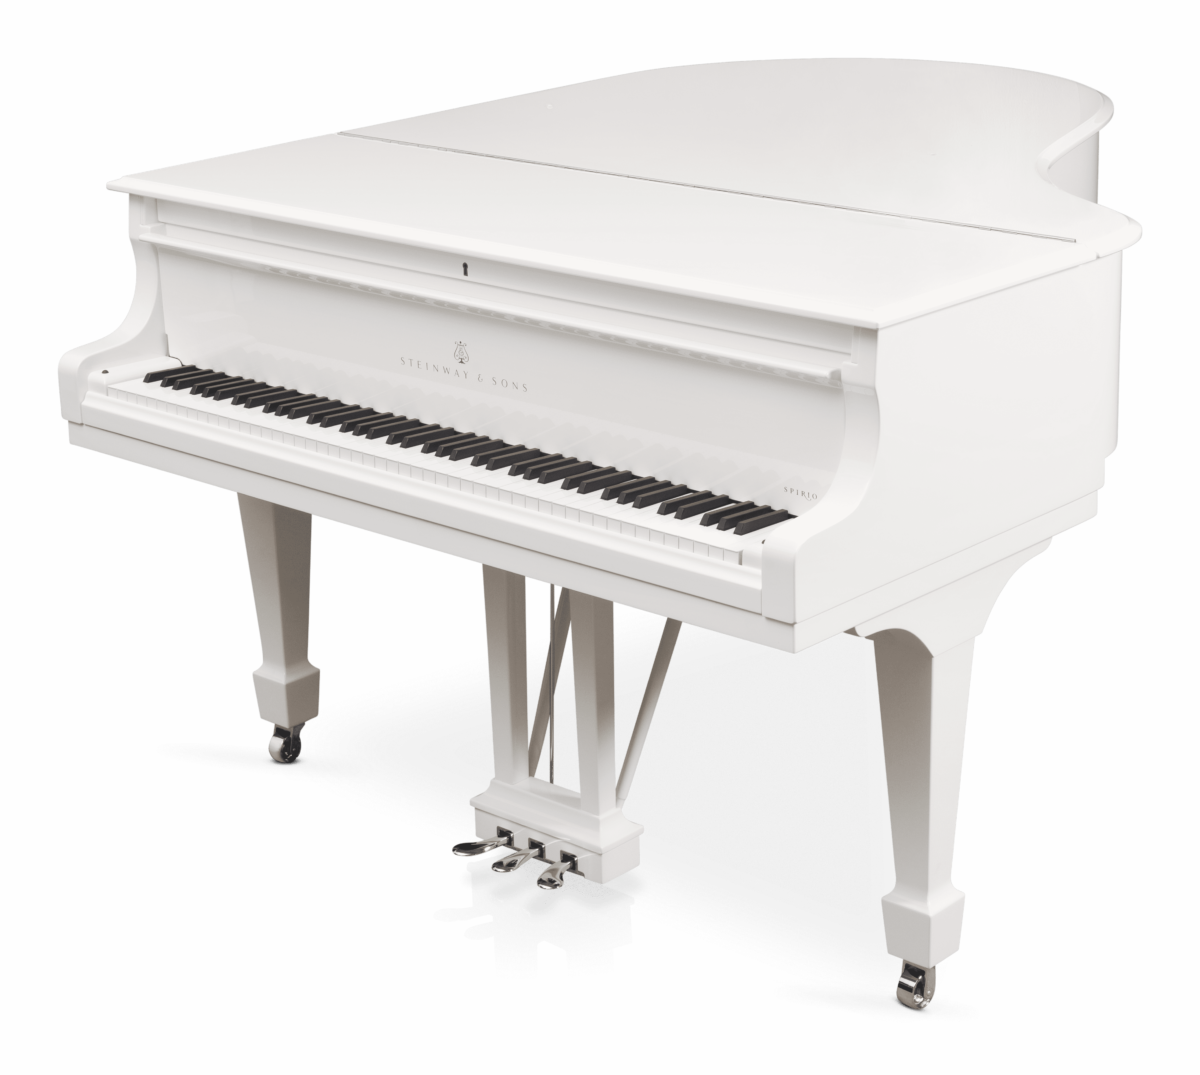 piano de cola Steinway & Sons Spirio O180 Chrome plano general tapa cerrada